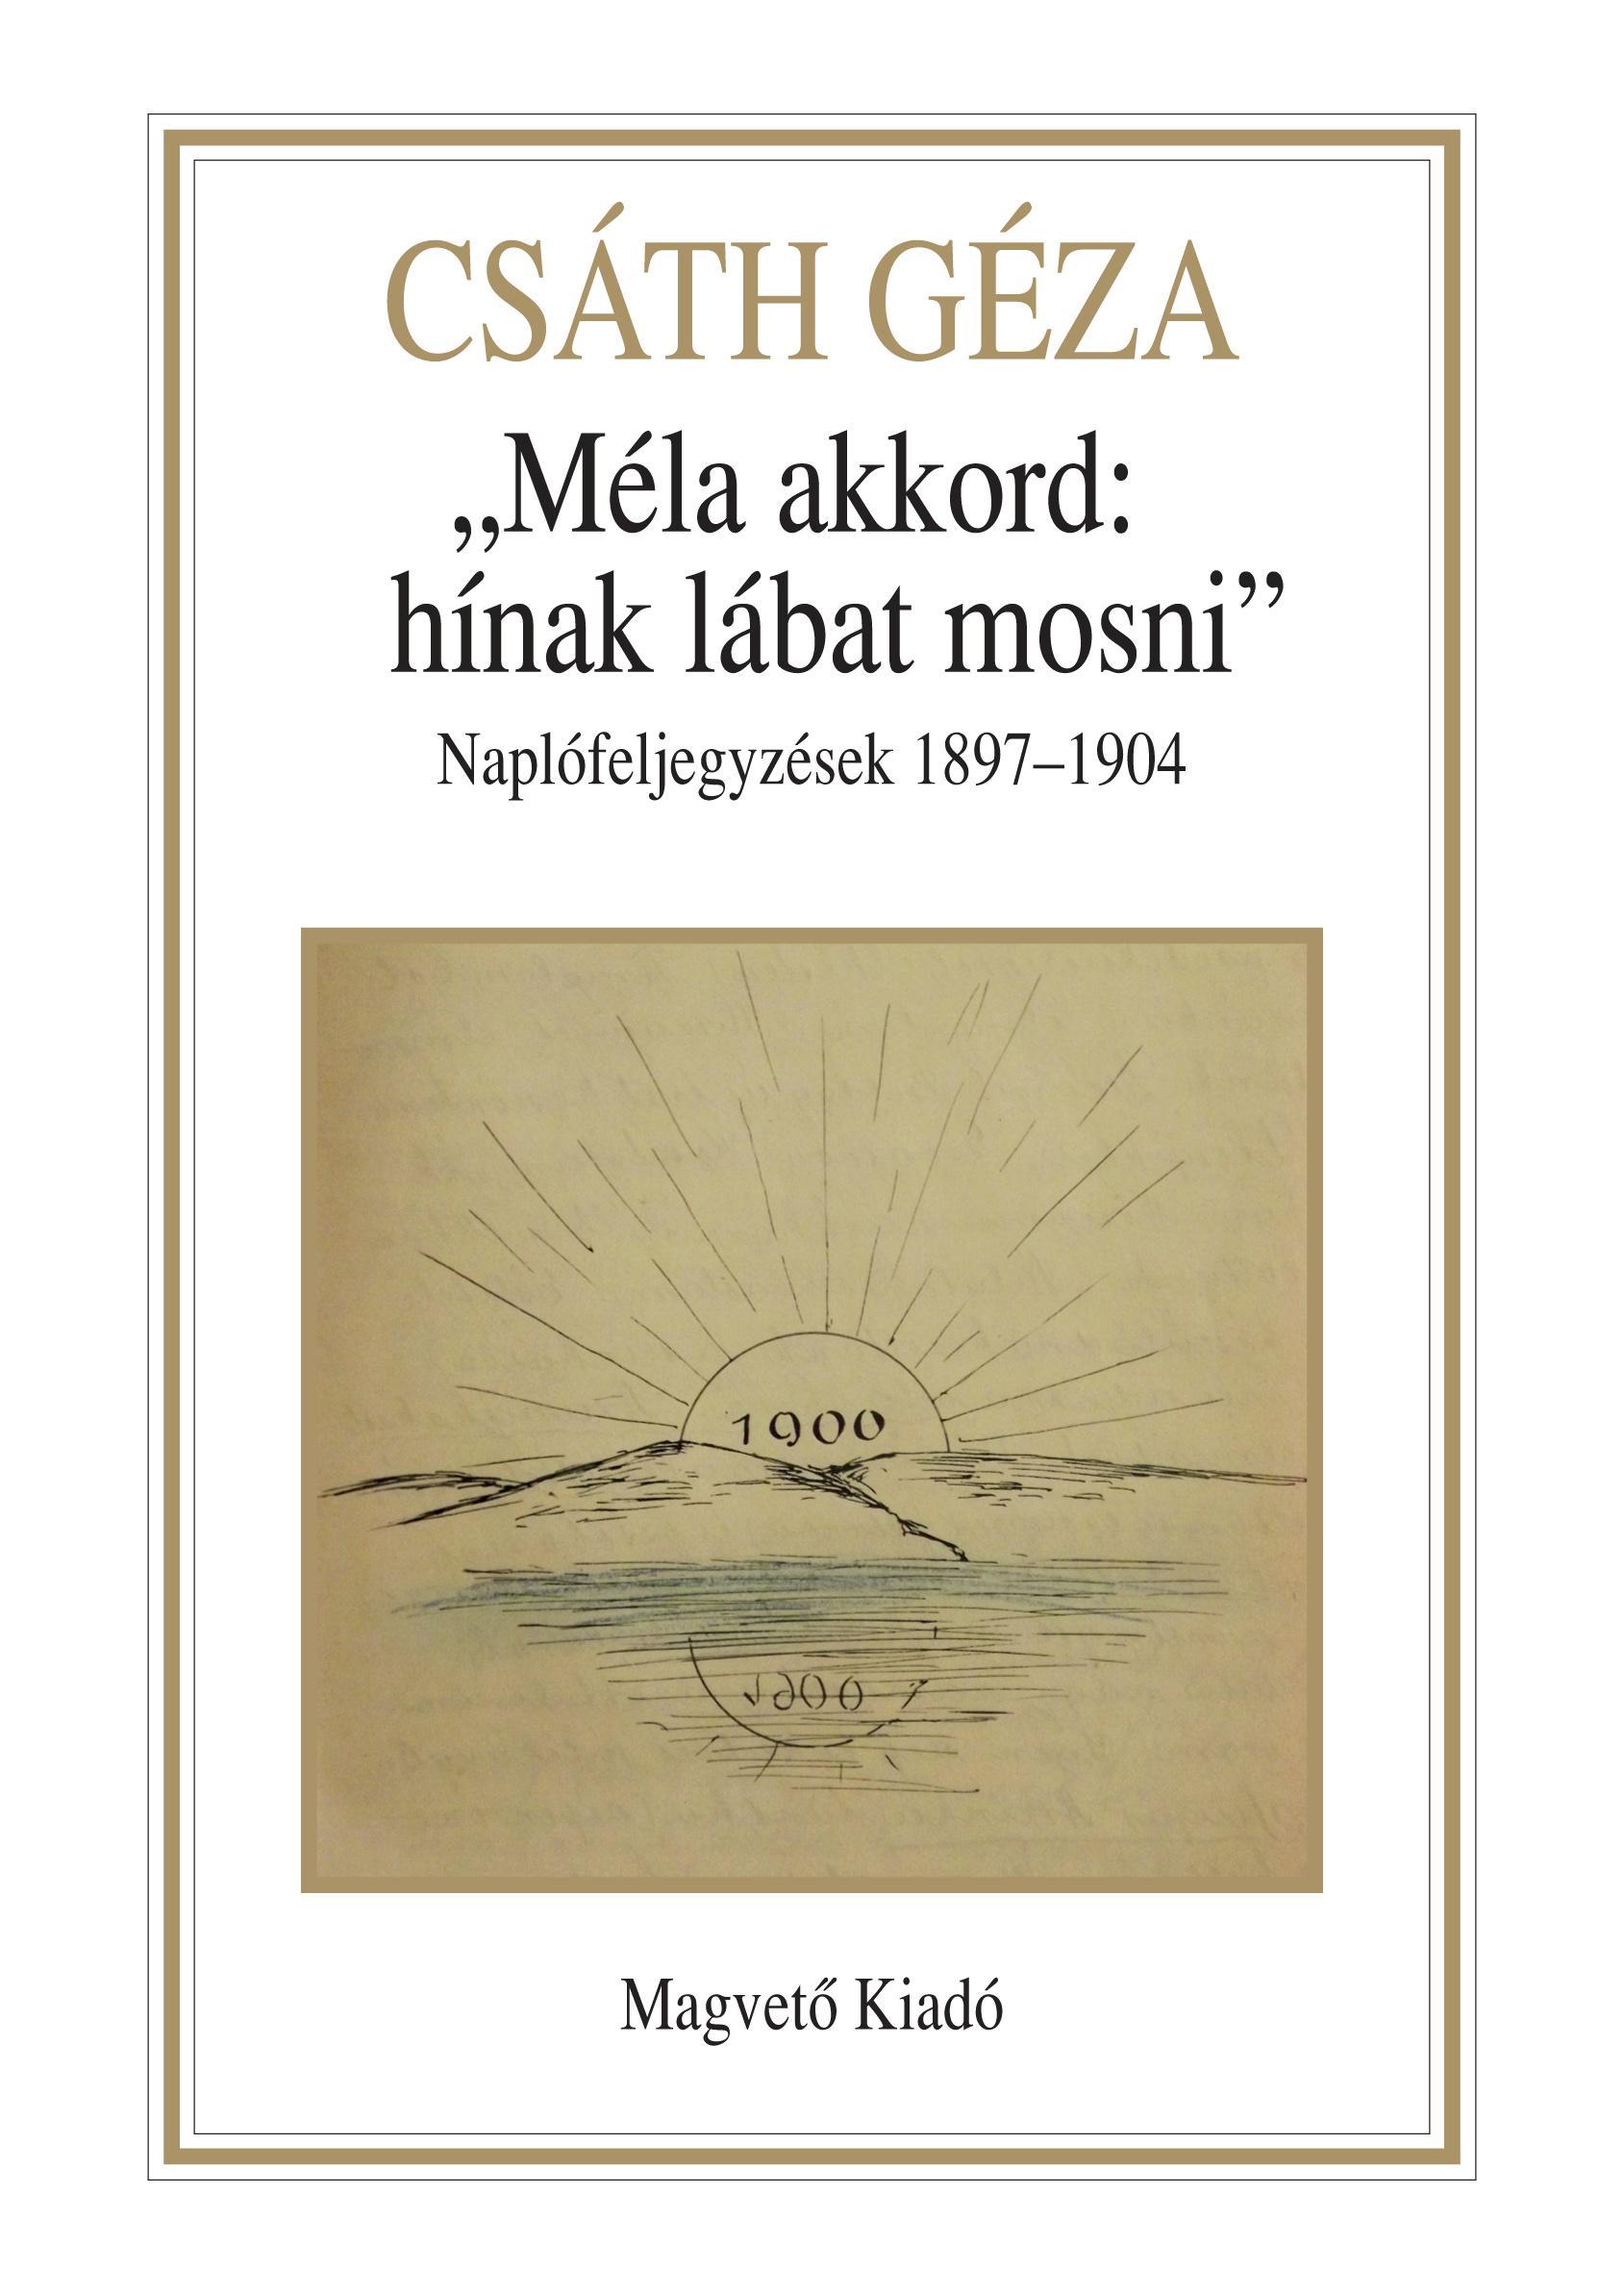 MÉLA AKKORD: HÍNAK LÁBAT MOSNI - NAPLÓFELJEGYZÉSEK 1897-1904